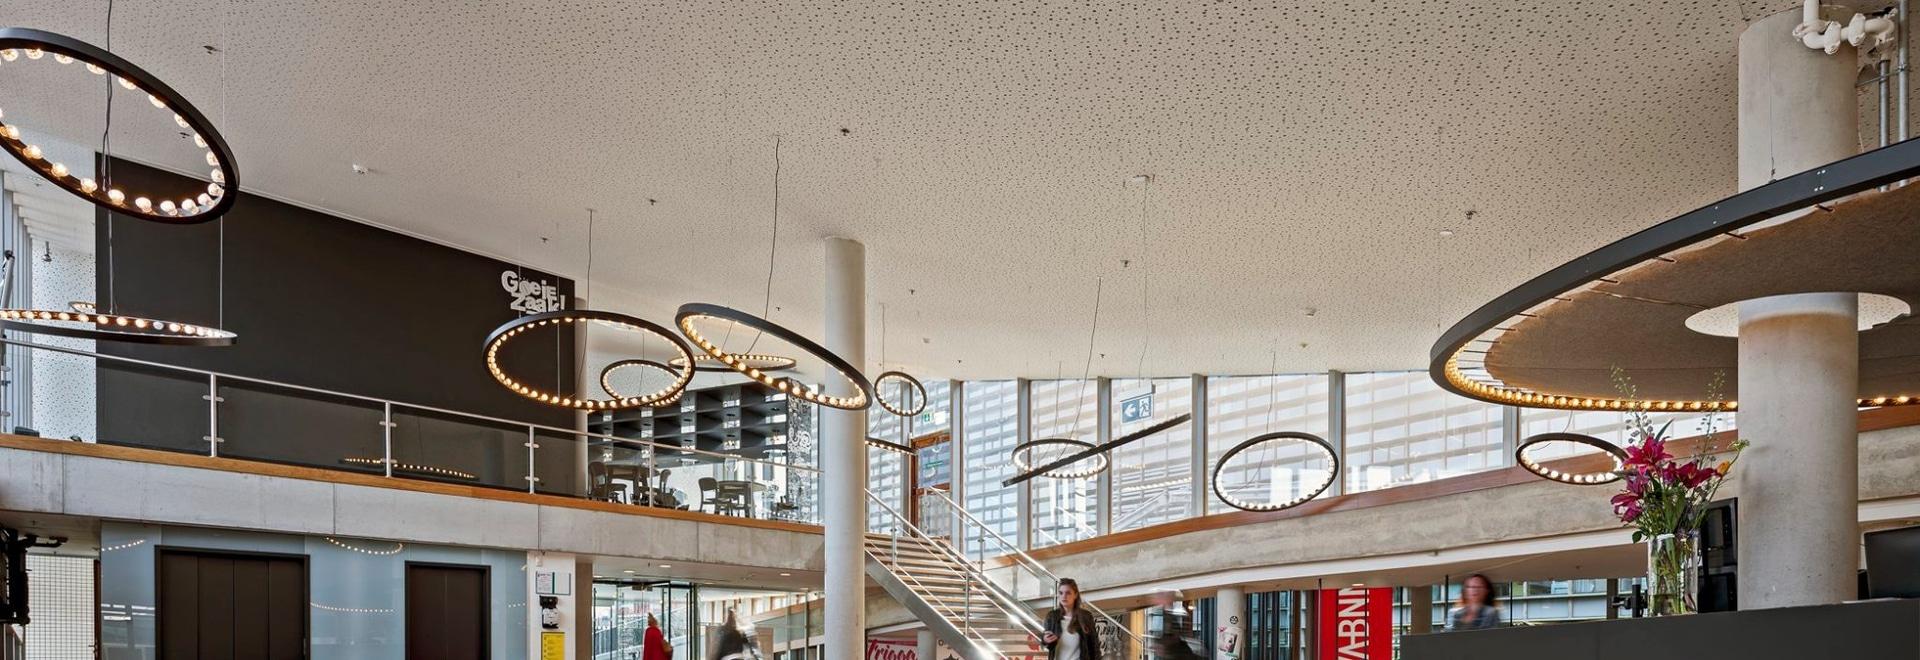 Oficina de la colección @ VPRO de la aurora, diseño interior por el taller de maravillas